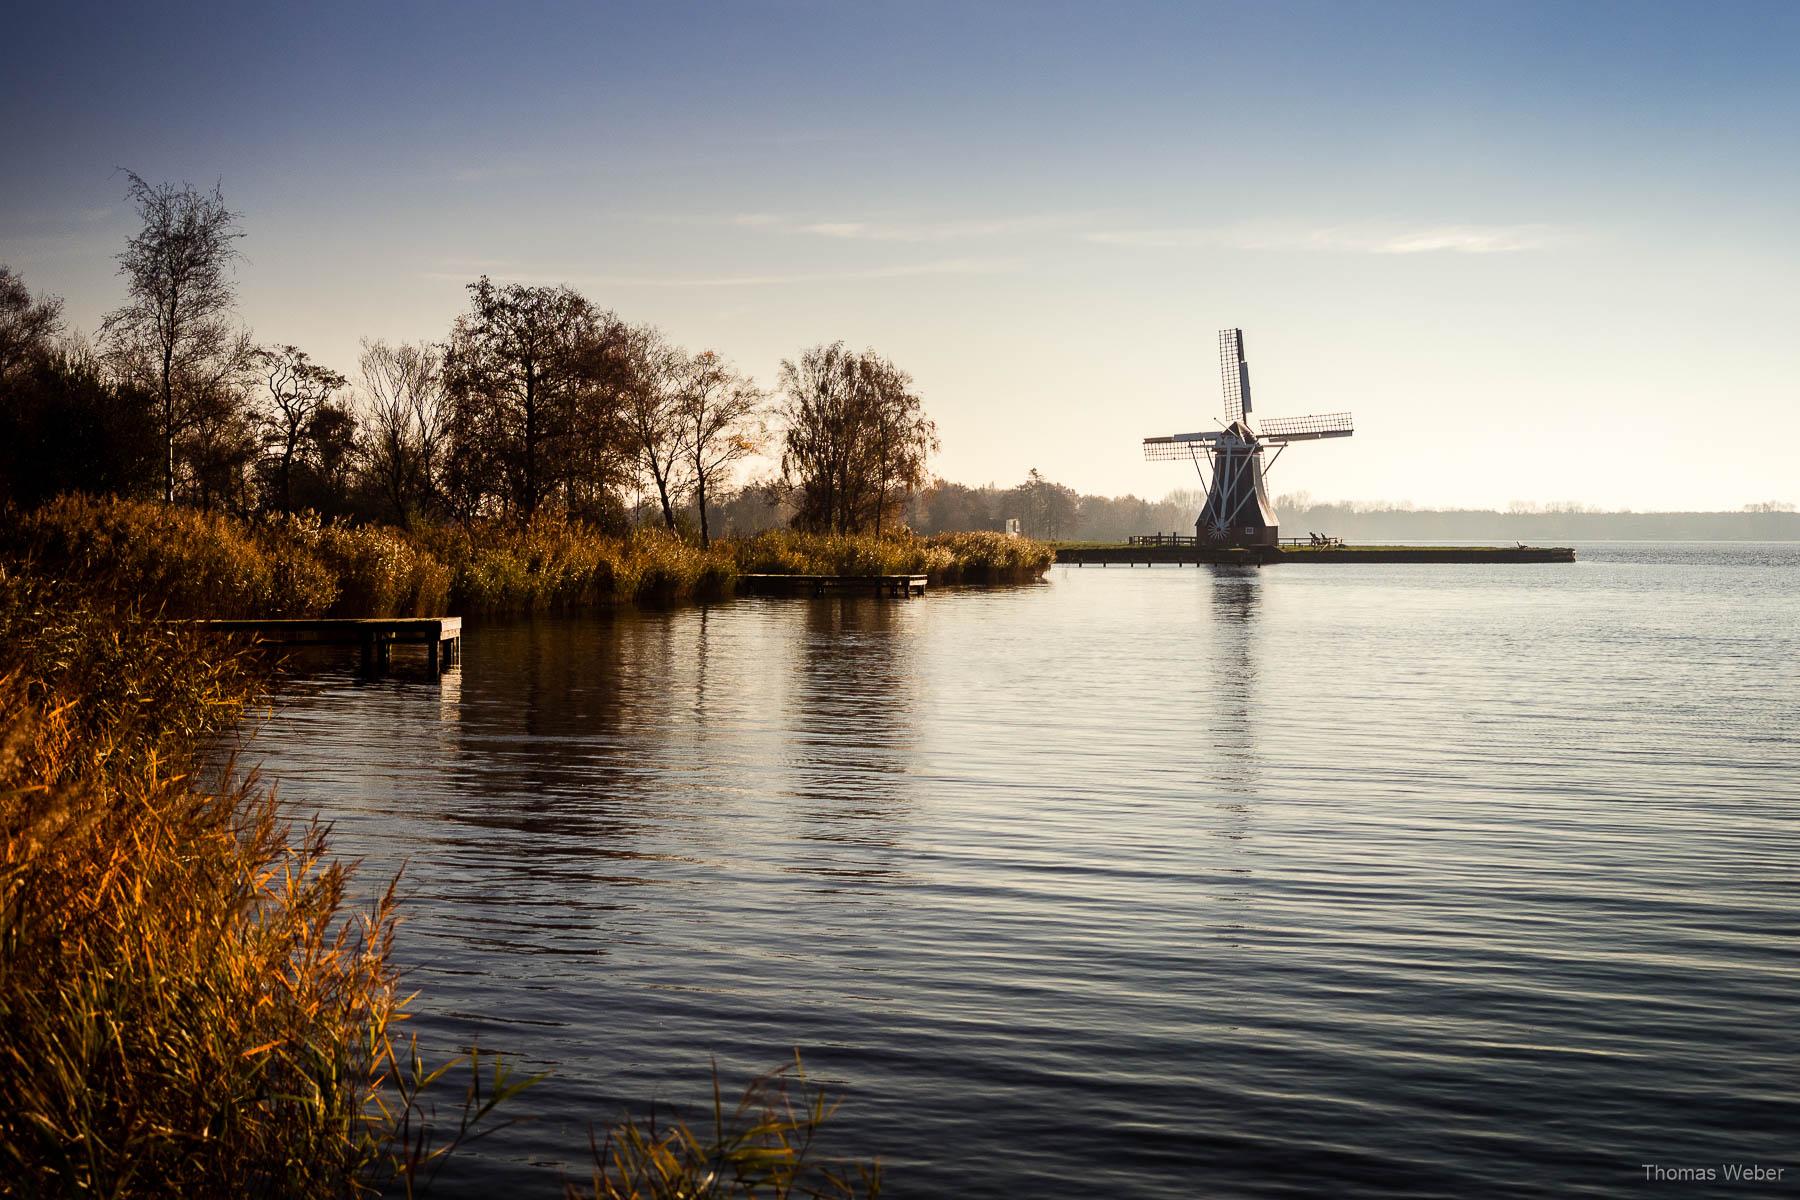 Die Windmühle de Helper am Paterswoldsemeer in Groningen bei einer Fahrradtour durch Groningen, Fotograf Oldenburg, Thomas Weber